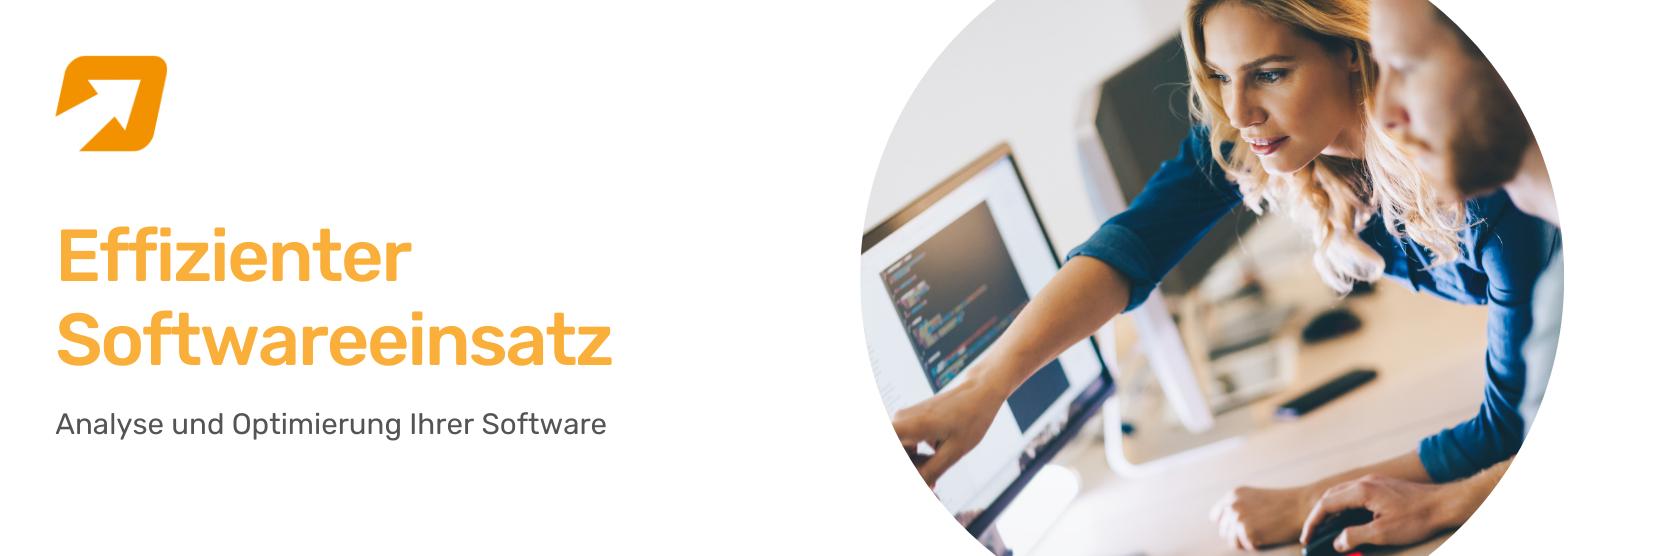 Effizienter Softwareeinsatz